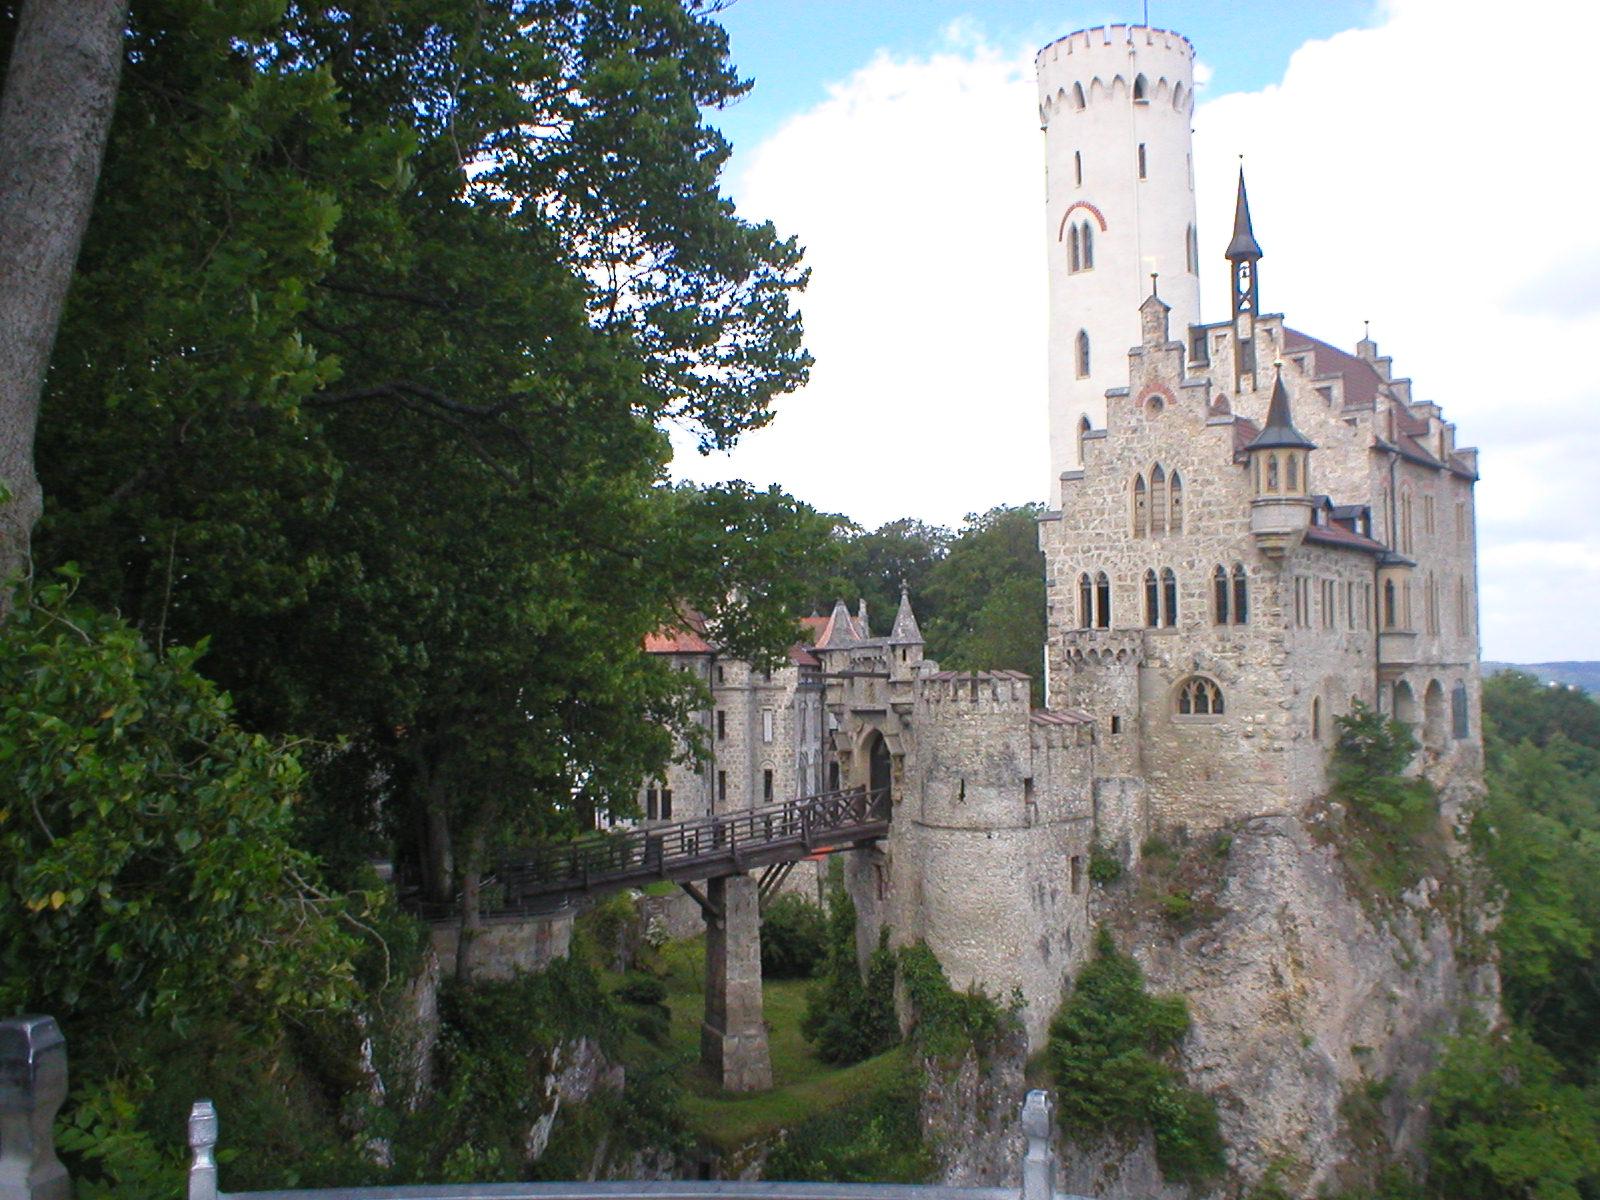 File:Lichtenstein.jpg - Wikipedia